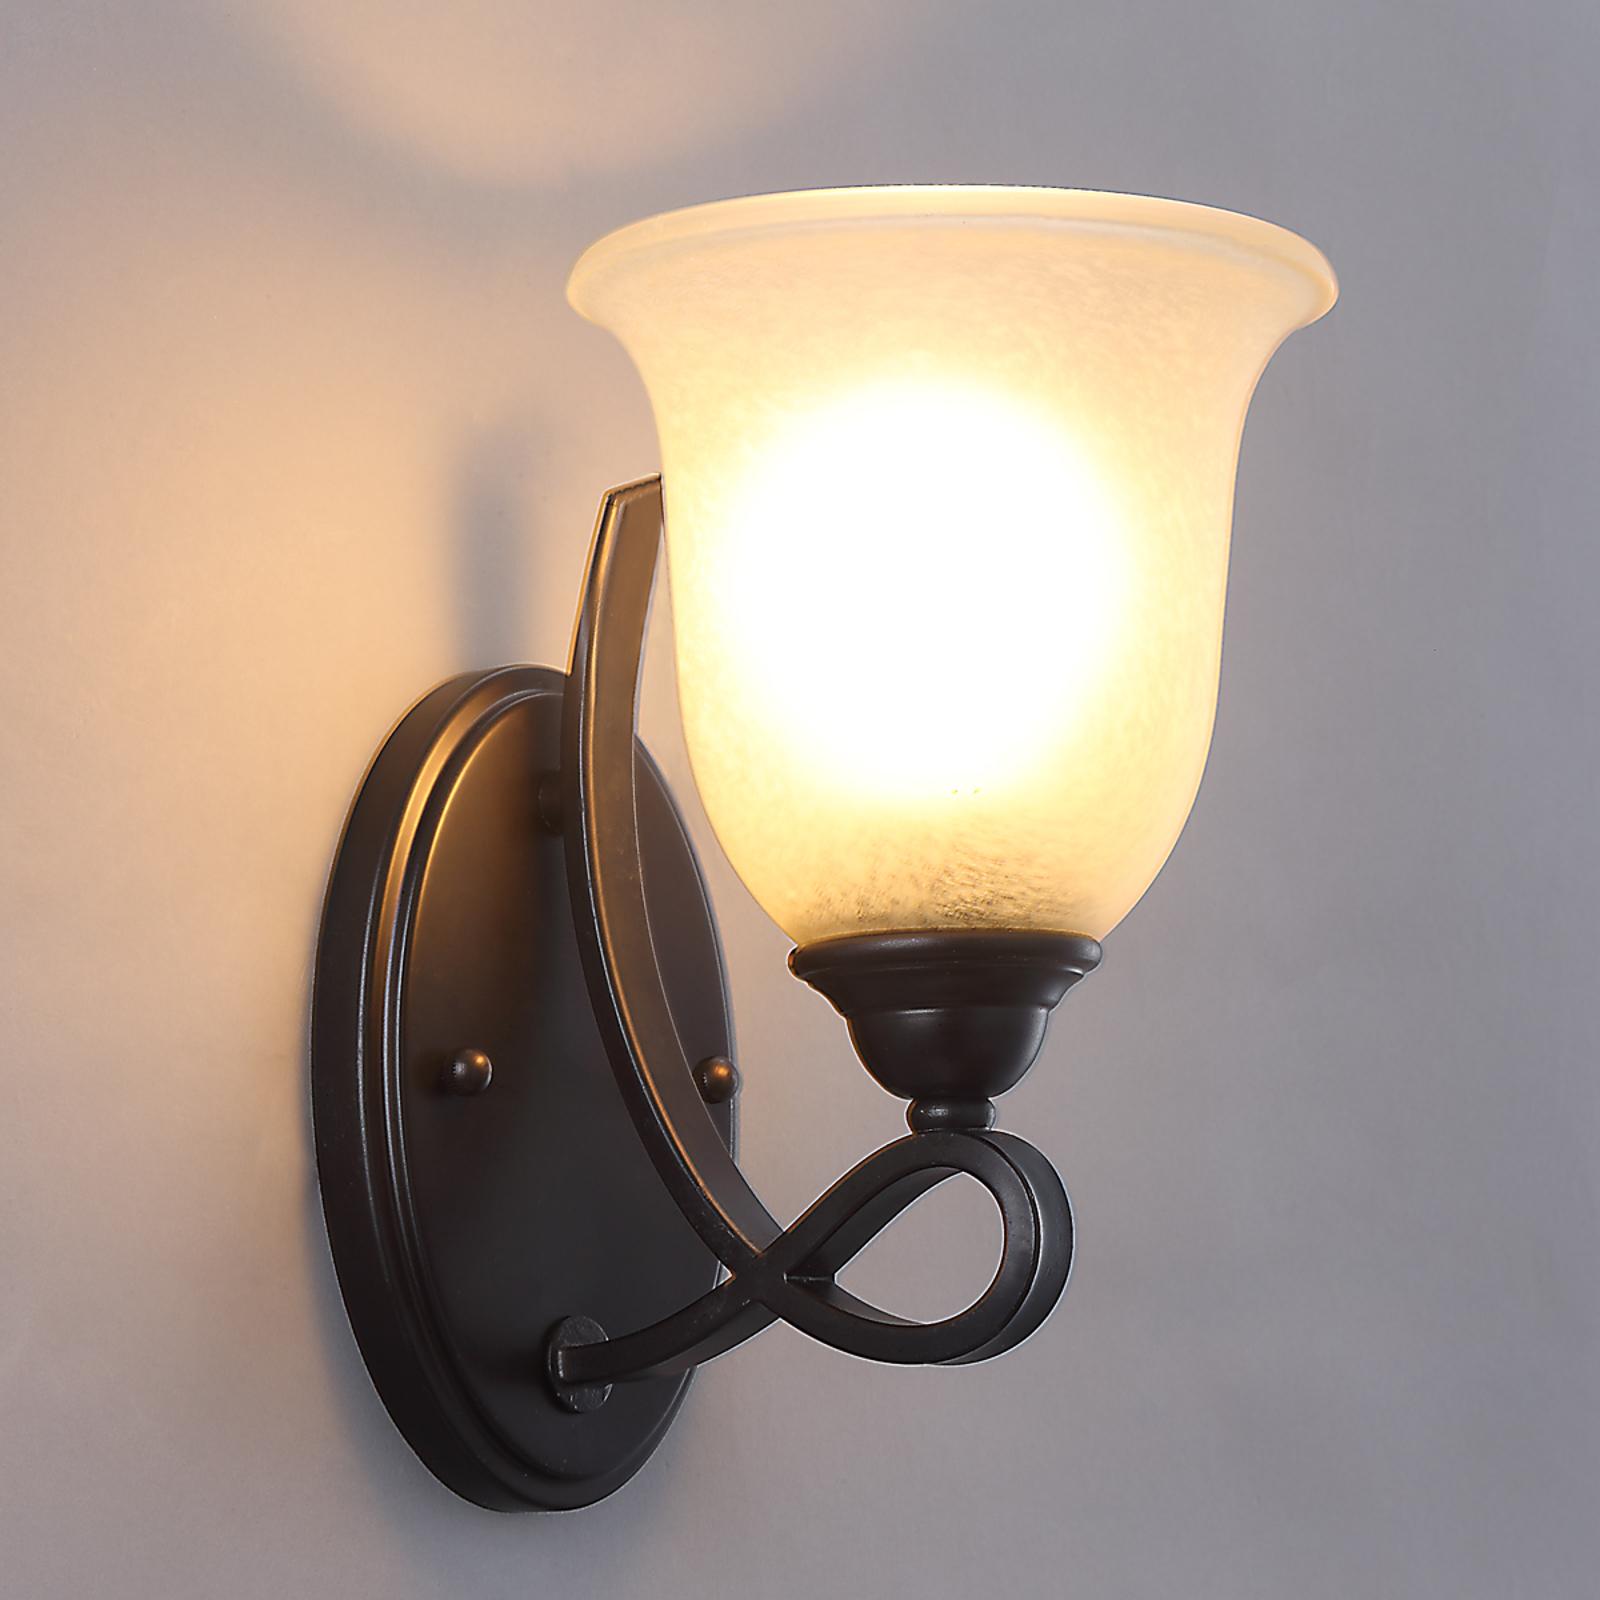 Acquista Trisha - elegante lampada LED da parete